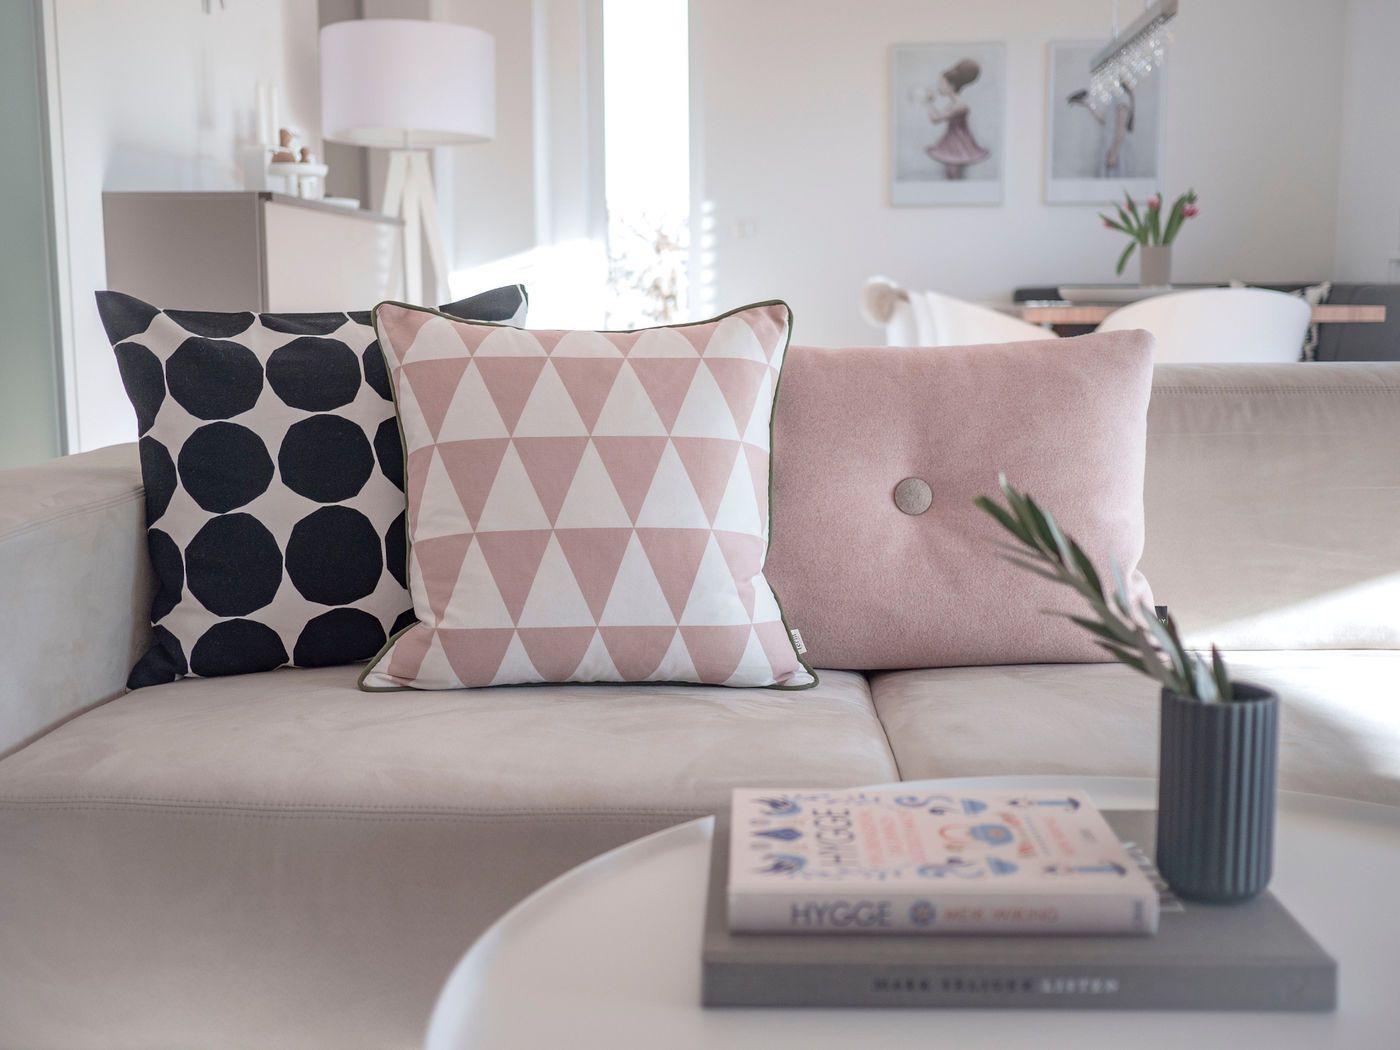 deko schlafzimmer maritim daunen bettw sche deavita schlafzimmer curt bauer reduziert modern. Black Bedroom Furniture Sets. Home Design Ideas